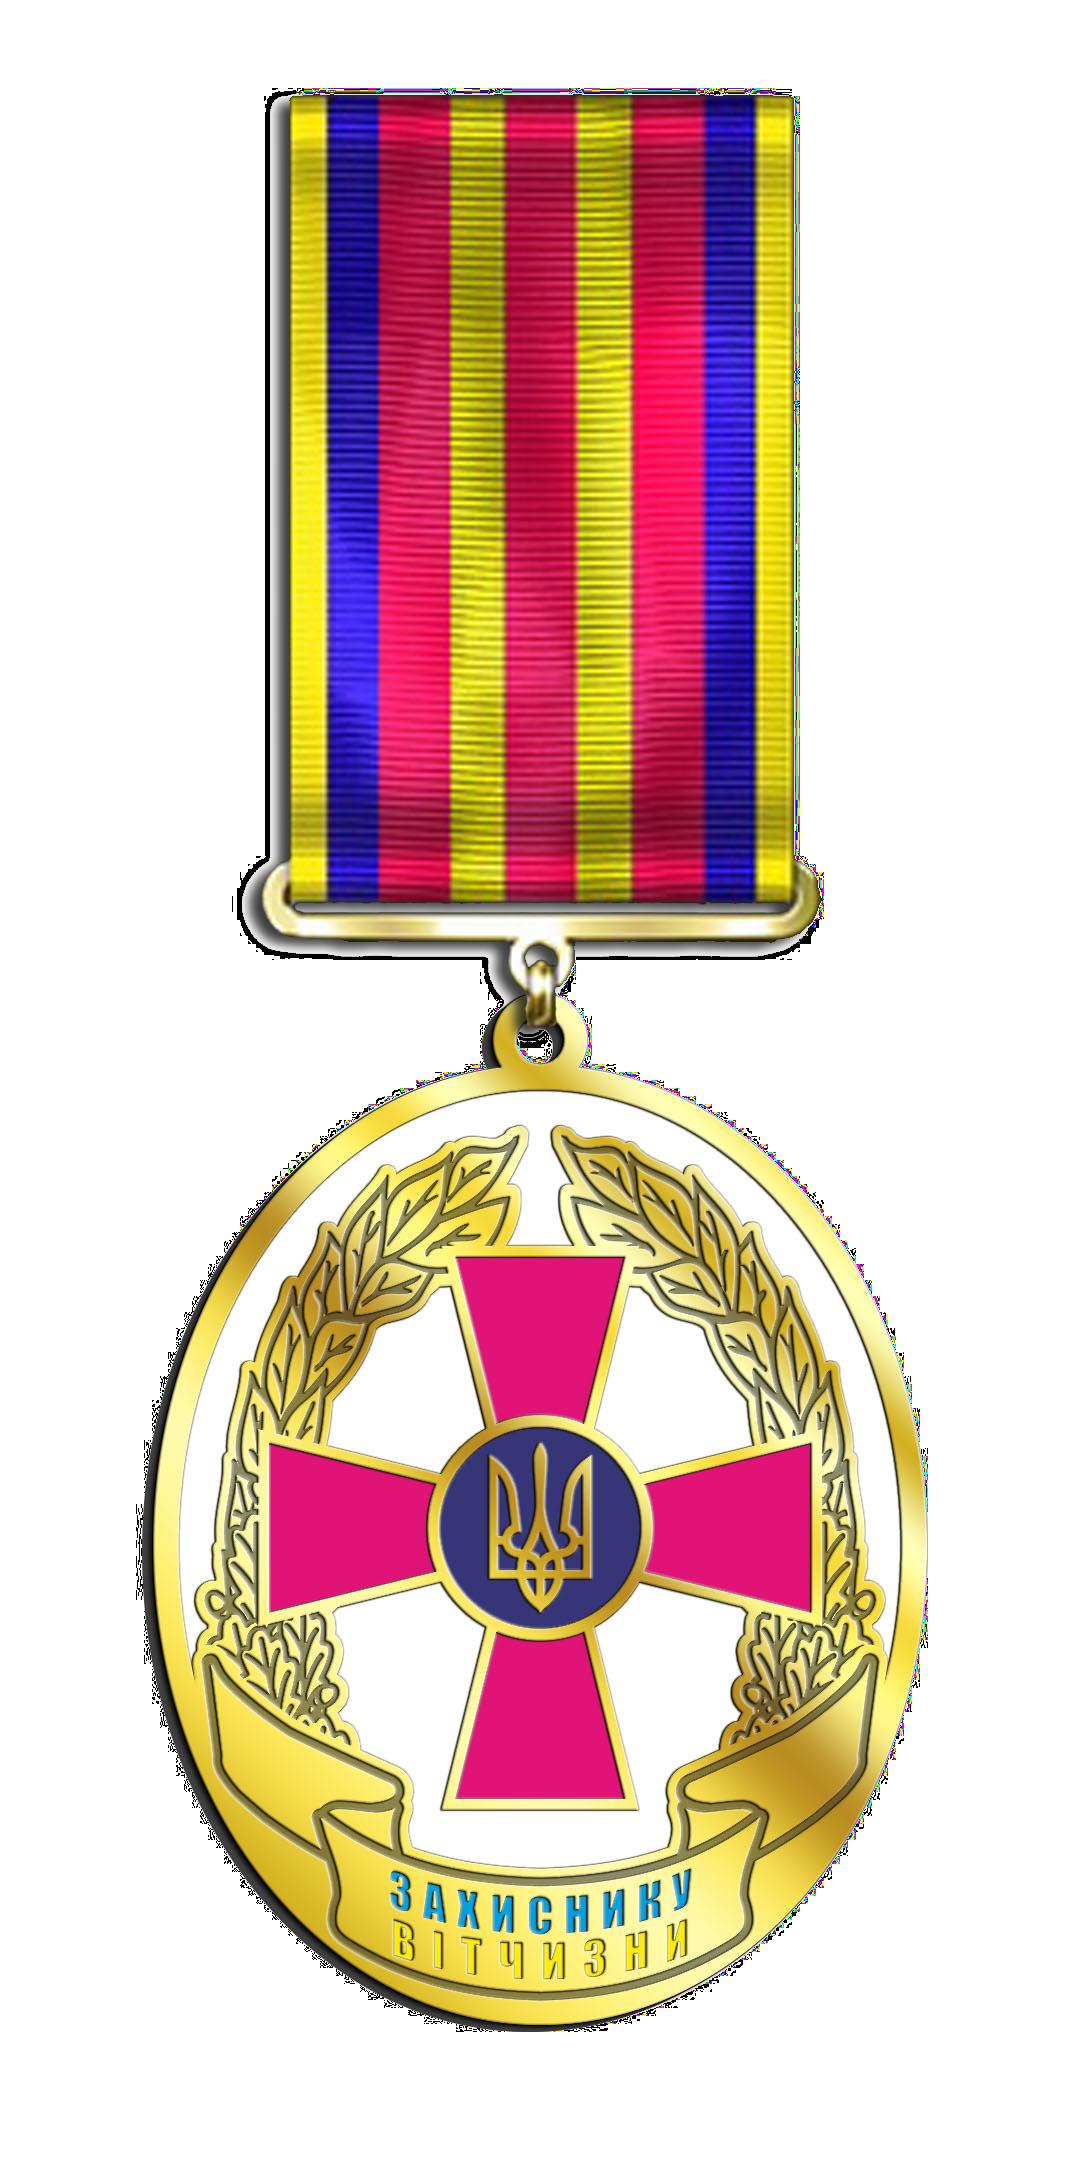 Заказать изготовление медалей